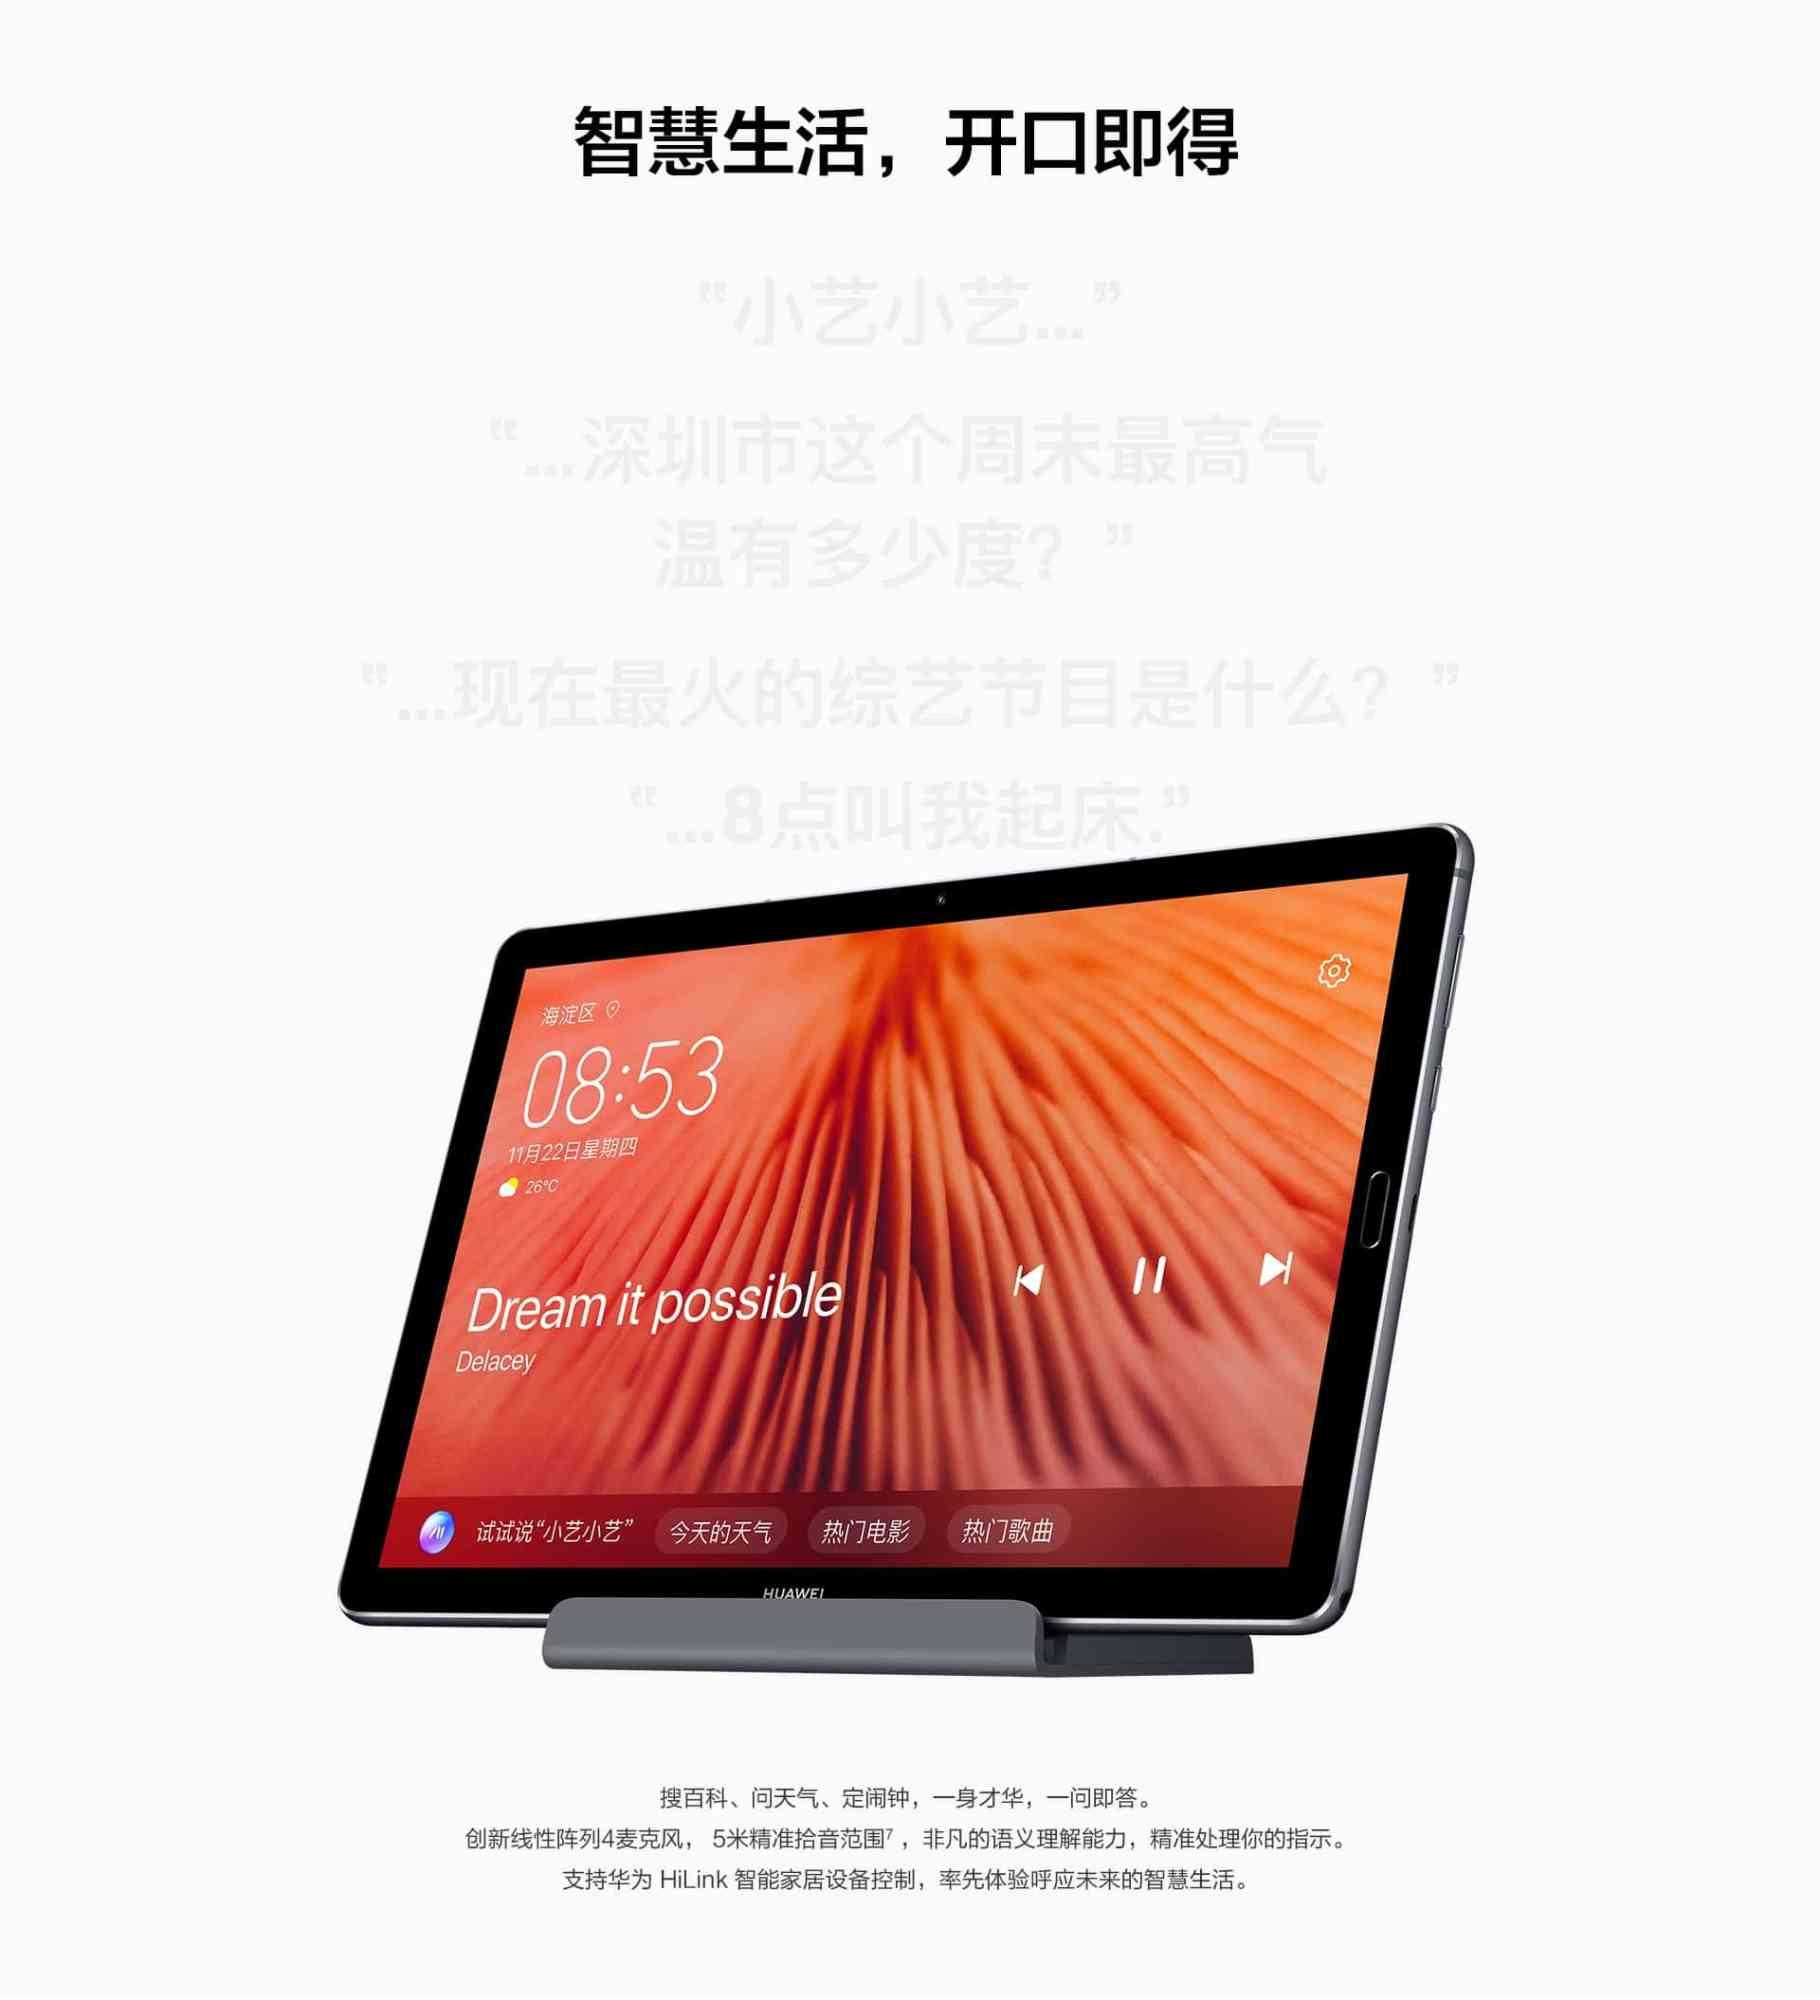 เปิดตัว HUAWEI MediaPad M6 แท็บเล็ตจอ 10.8 นิ้วเพื่อความบันเทิง ใช้ชิปเซ็ตรุ่นท็อป 6